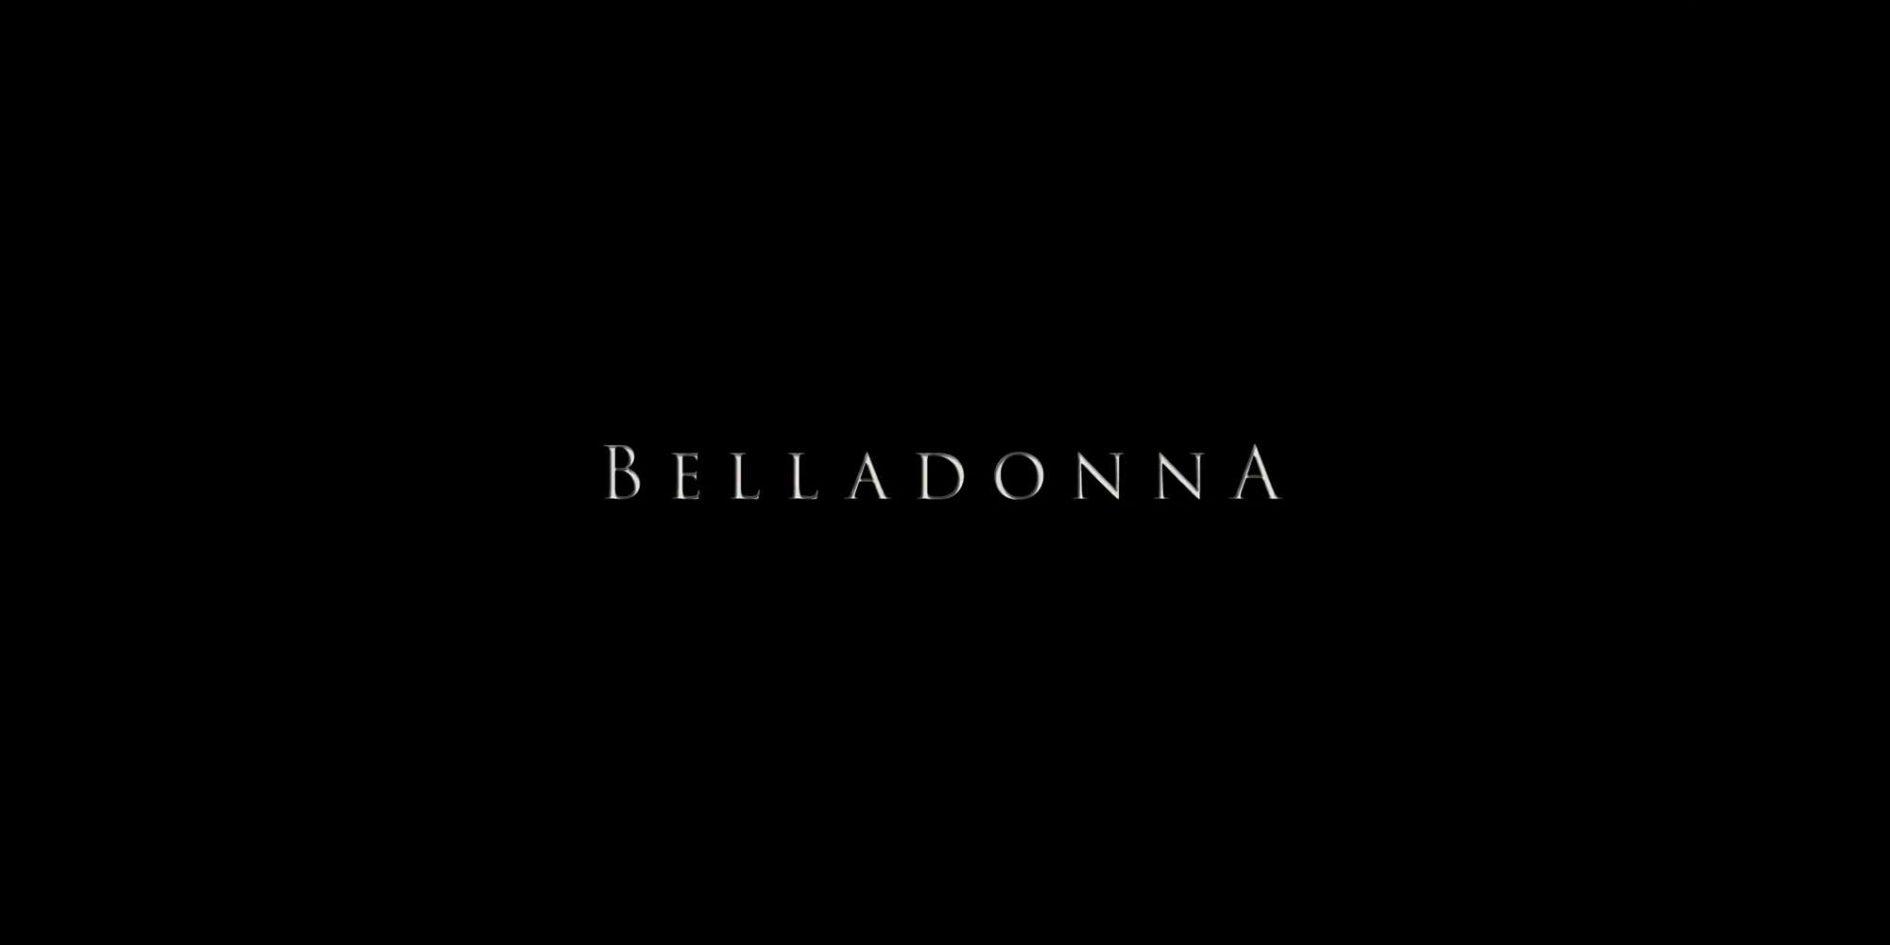 Belladona 4